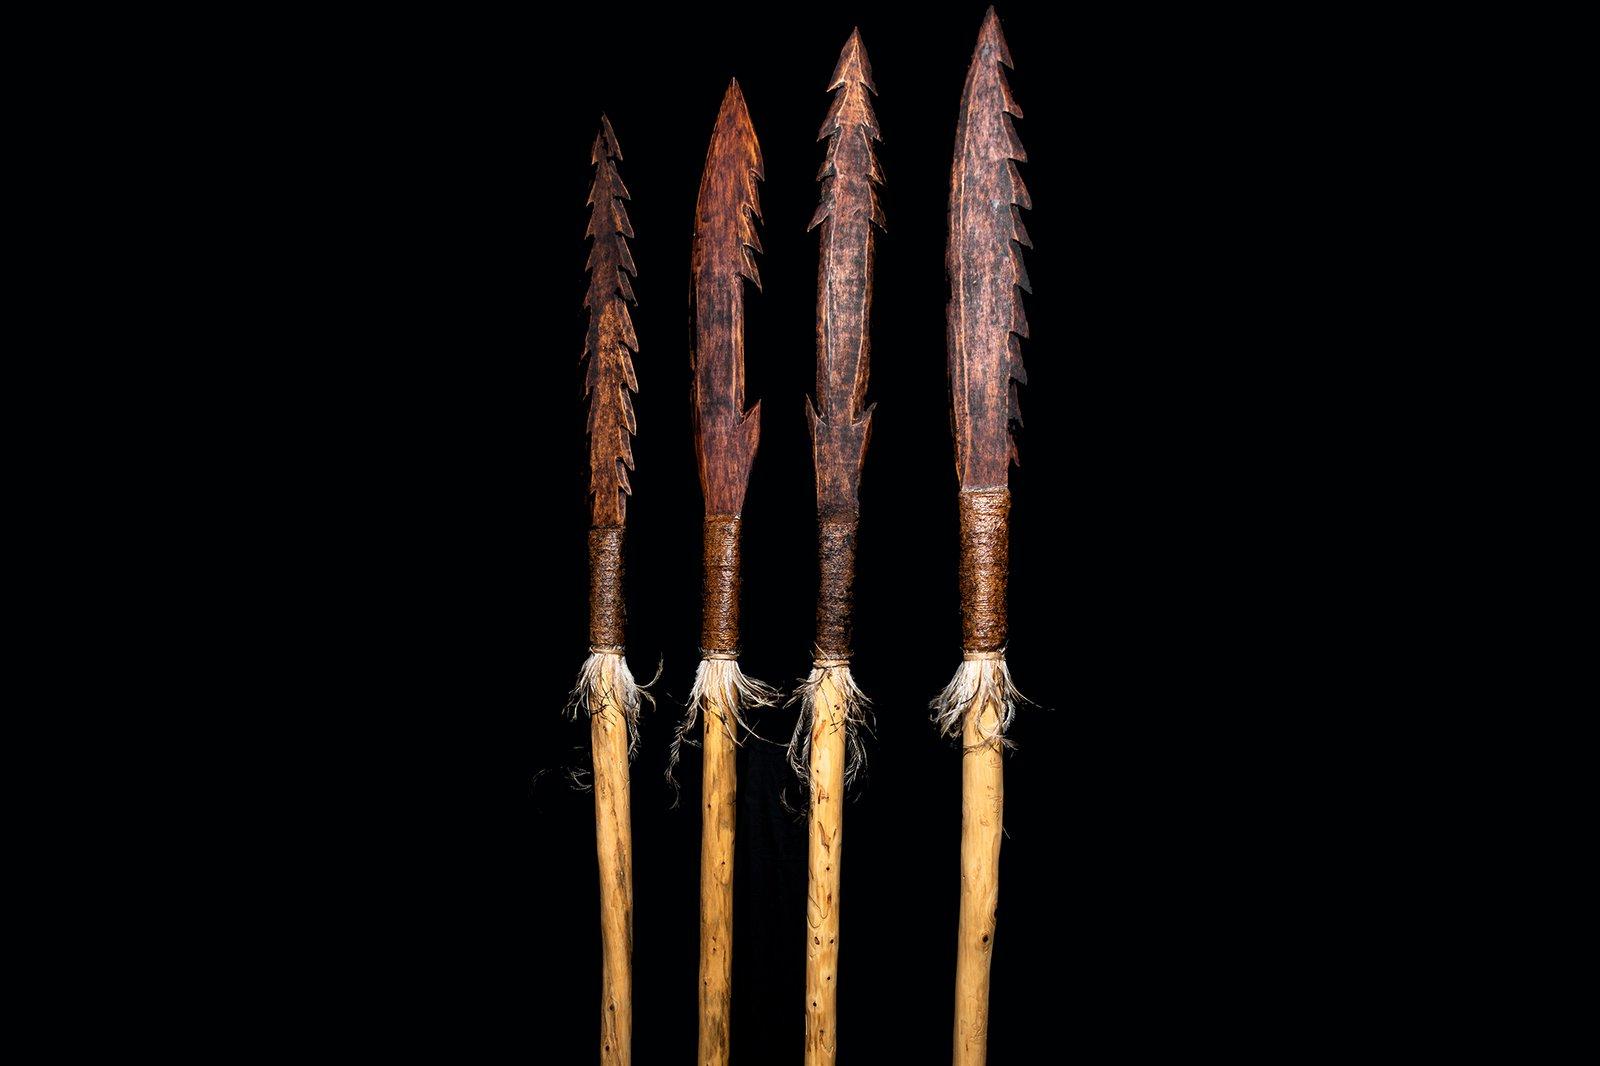 dhulu / bilaarr (Spear)